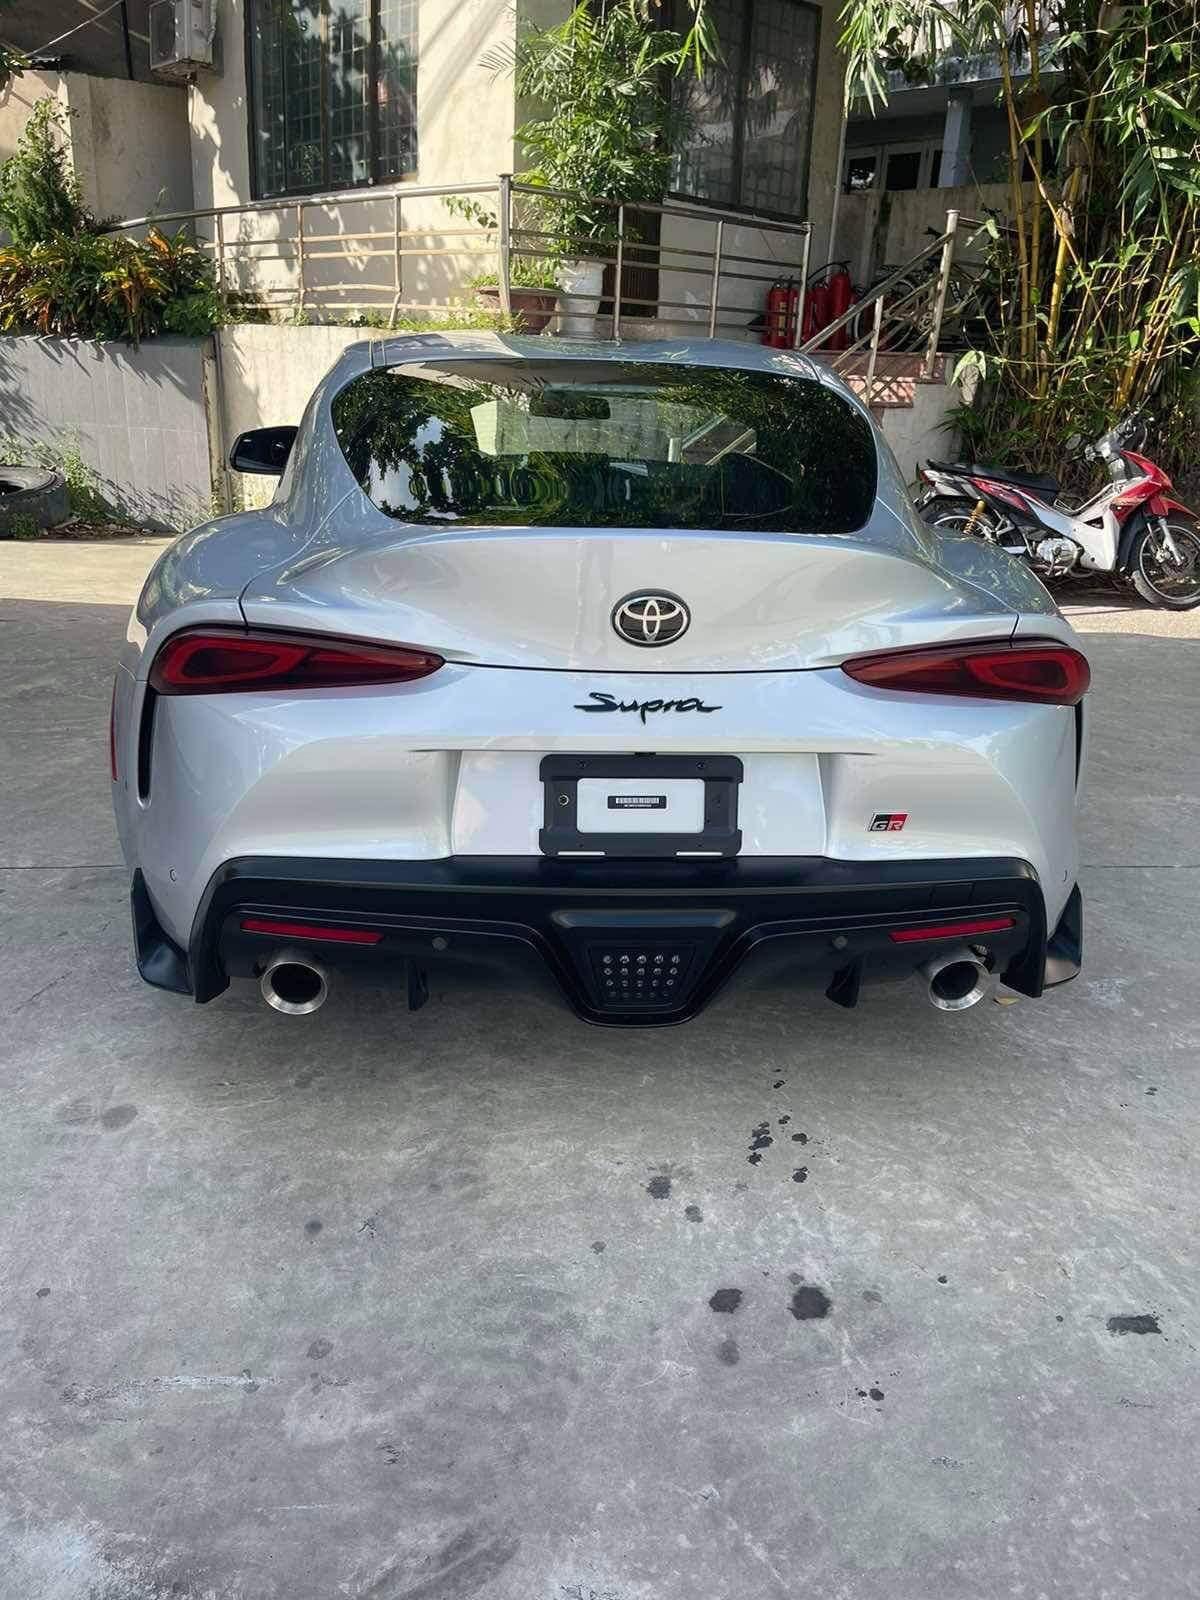 Nhờ sử dụng chung nền tảng khung gầm với BMW Z4, Toyota GR Supra cũng đồng thời sở hữu tỉ lệ phân bổ trọng lượng 50/50, trọng tâm thấp.